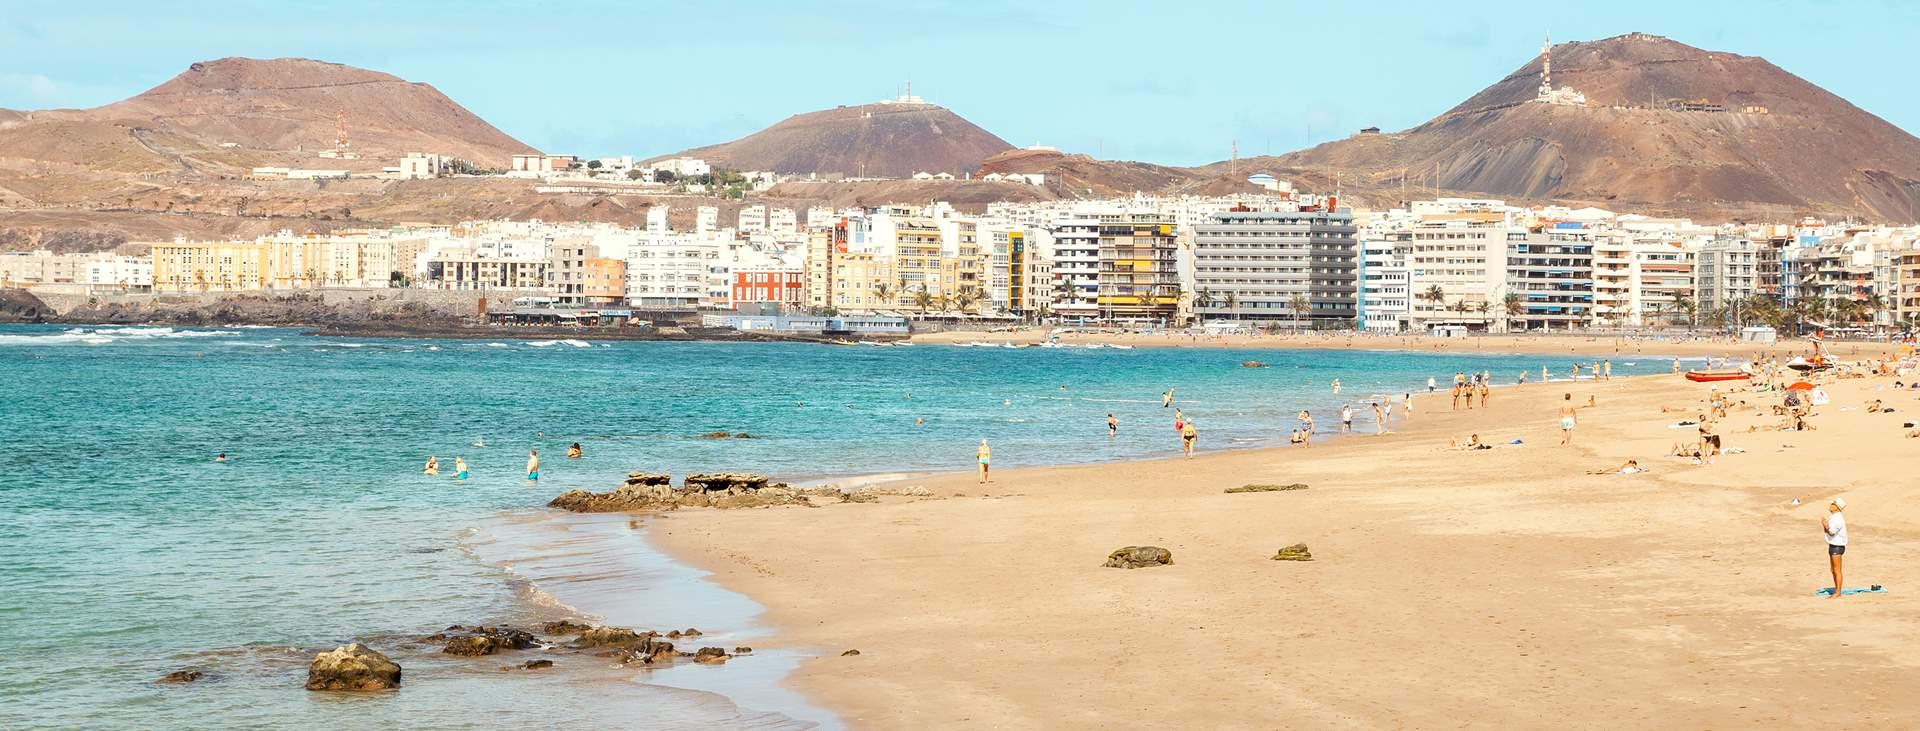 Bestill en reise med Ving til Las Palmas på Gran Canaria